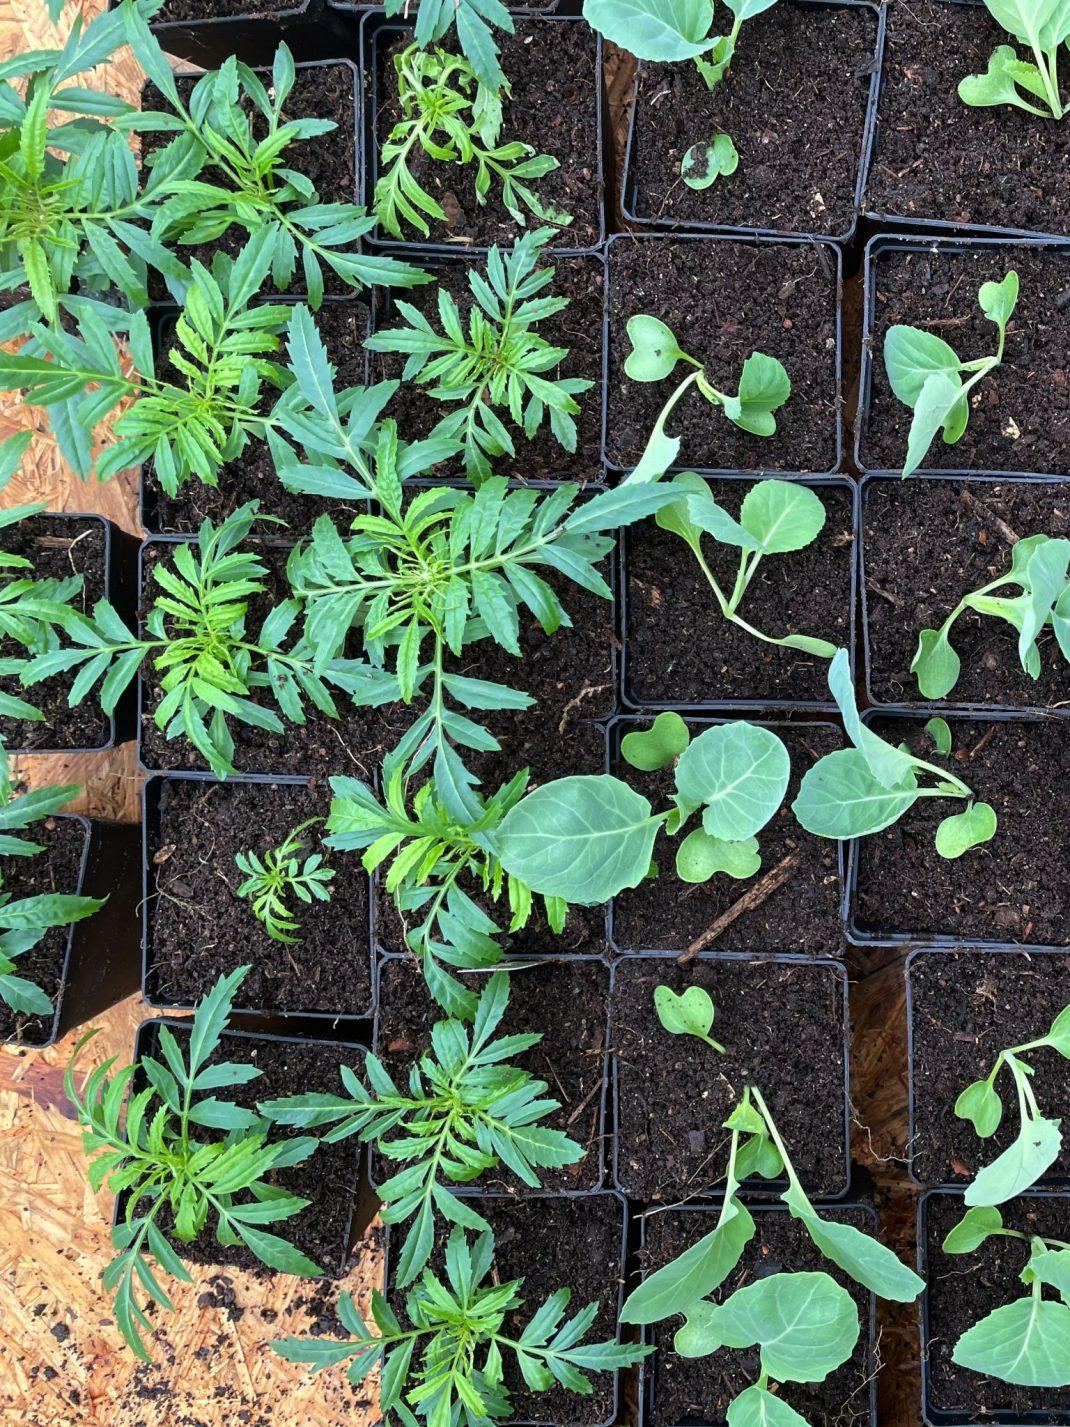 Omplanterade växter i små krukor.